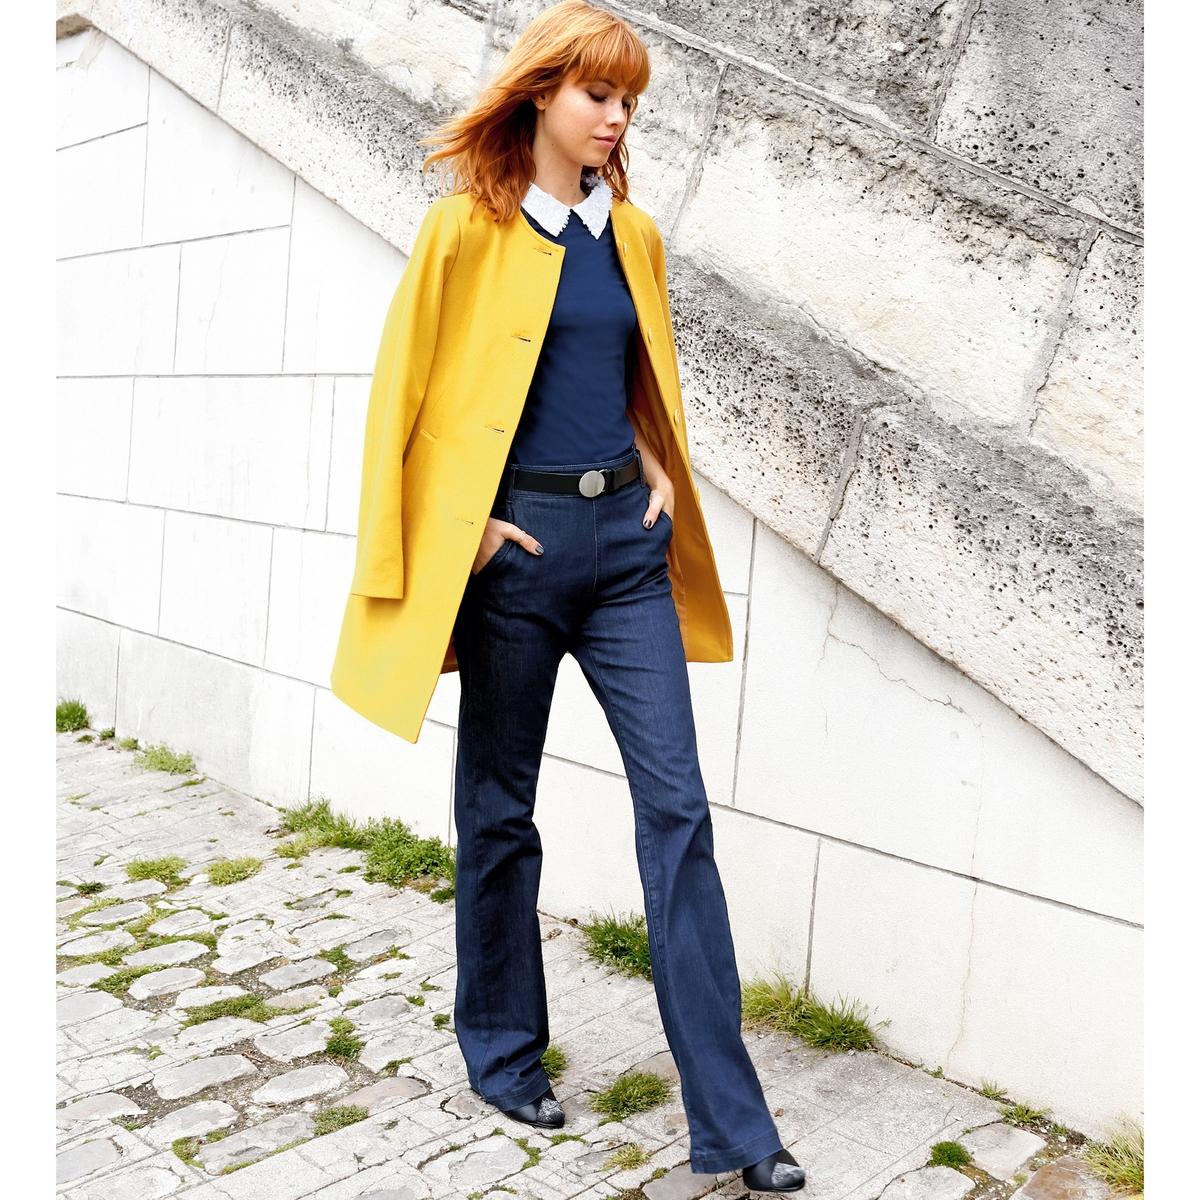 Пальто длинное 50% шерстиПальто длинное без воротника из шерстяного драпа. Длинные рукава. Застежка на пуговицы. 2 прорезных кармана. Вышивка золотистый бант вверху спинки .Состав и описание : Материал 50% шерсти, 40% полиэстера, 5% акрила, 5% других волокон Подкладка    100% полиэстераДлина 85 см Бренд: Mademoiselle R Уход :Сухая чистка..Машинная сушка запрещена.Гладить при умеренной температуре..<br><br>Цвет: черный<br>Размер: 40 (FR) - 46 (RUS)